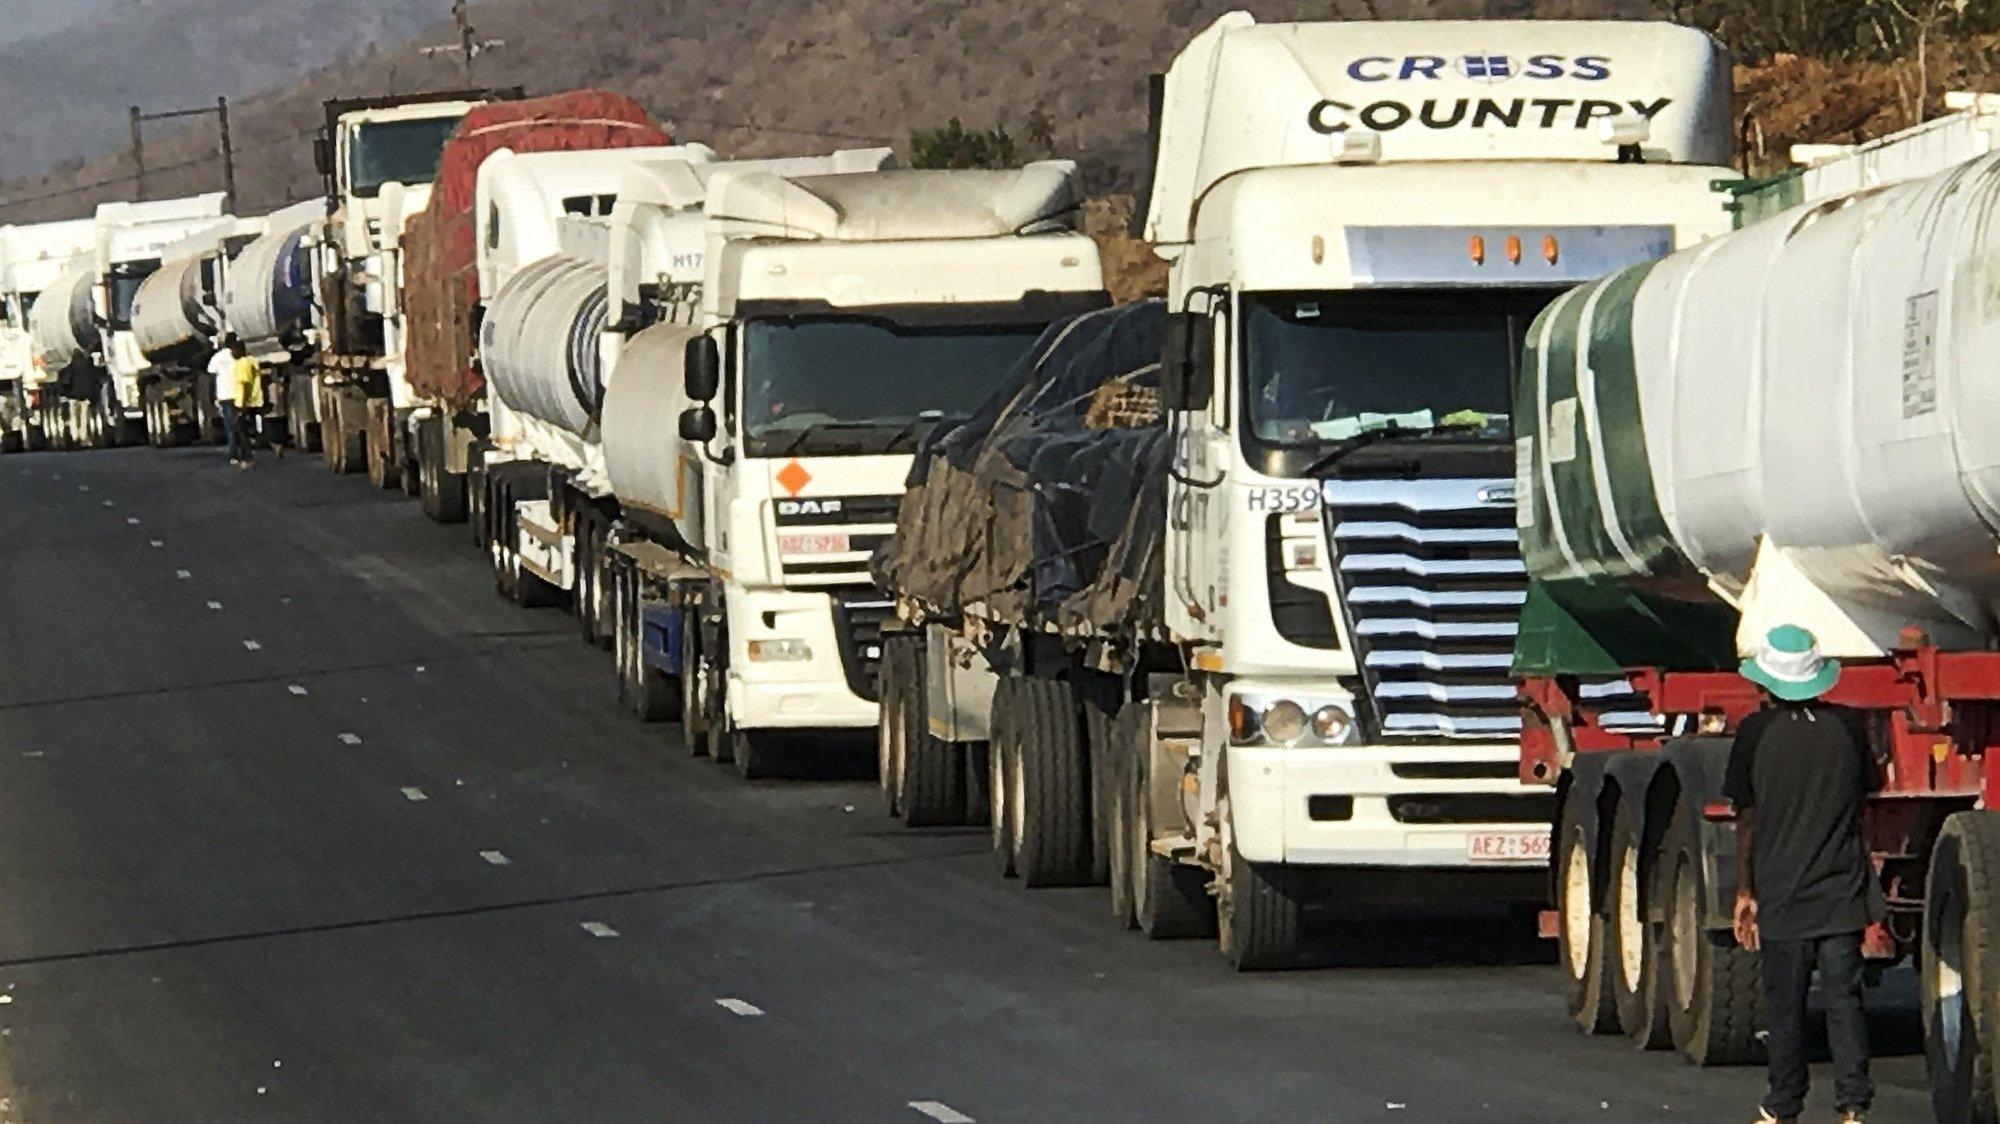 Camiões estacionados à beira da estrada na fronteira de Machipanda, a principal terrestre entre Moçambique e Zimbabué - ligando o porto da Beira, no Oceano Índico, aos países africanos do interior, em Manica, Moçambique, 02 de setembro de 2020. Cerca de 200 camionistas atravessam por dia a fronteira de Machipanda segundo dados dos Serviços de Migração de Manica. Um grupo de 245 camionistas já foram colocados em quarentena em Manica, após estarem em países de risco e manifestarem sintomas leves, durante o primeiro Estado de Emergência que terminou em julho. (ACOMPANHA TEXTO DA LUSA DO DIA 05 DE SETEMBRO DE 2020). ANDRÉ CATUEIRA/LUSA